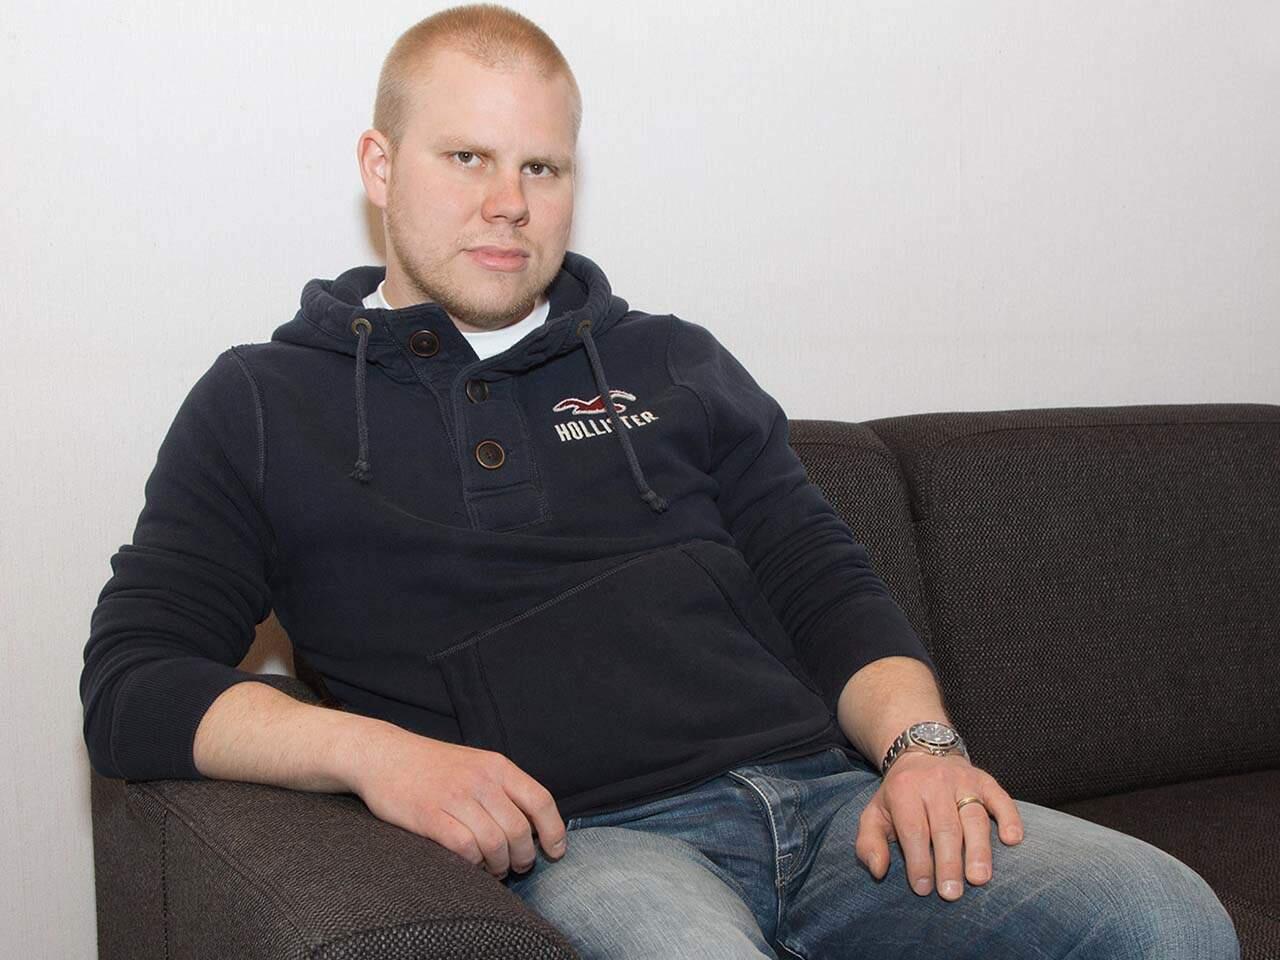 Jesse Haapsaari, Kelloneuvos Oy